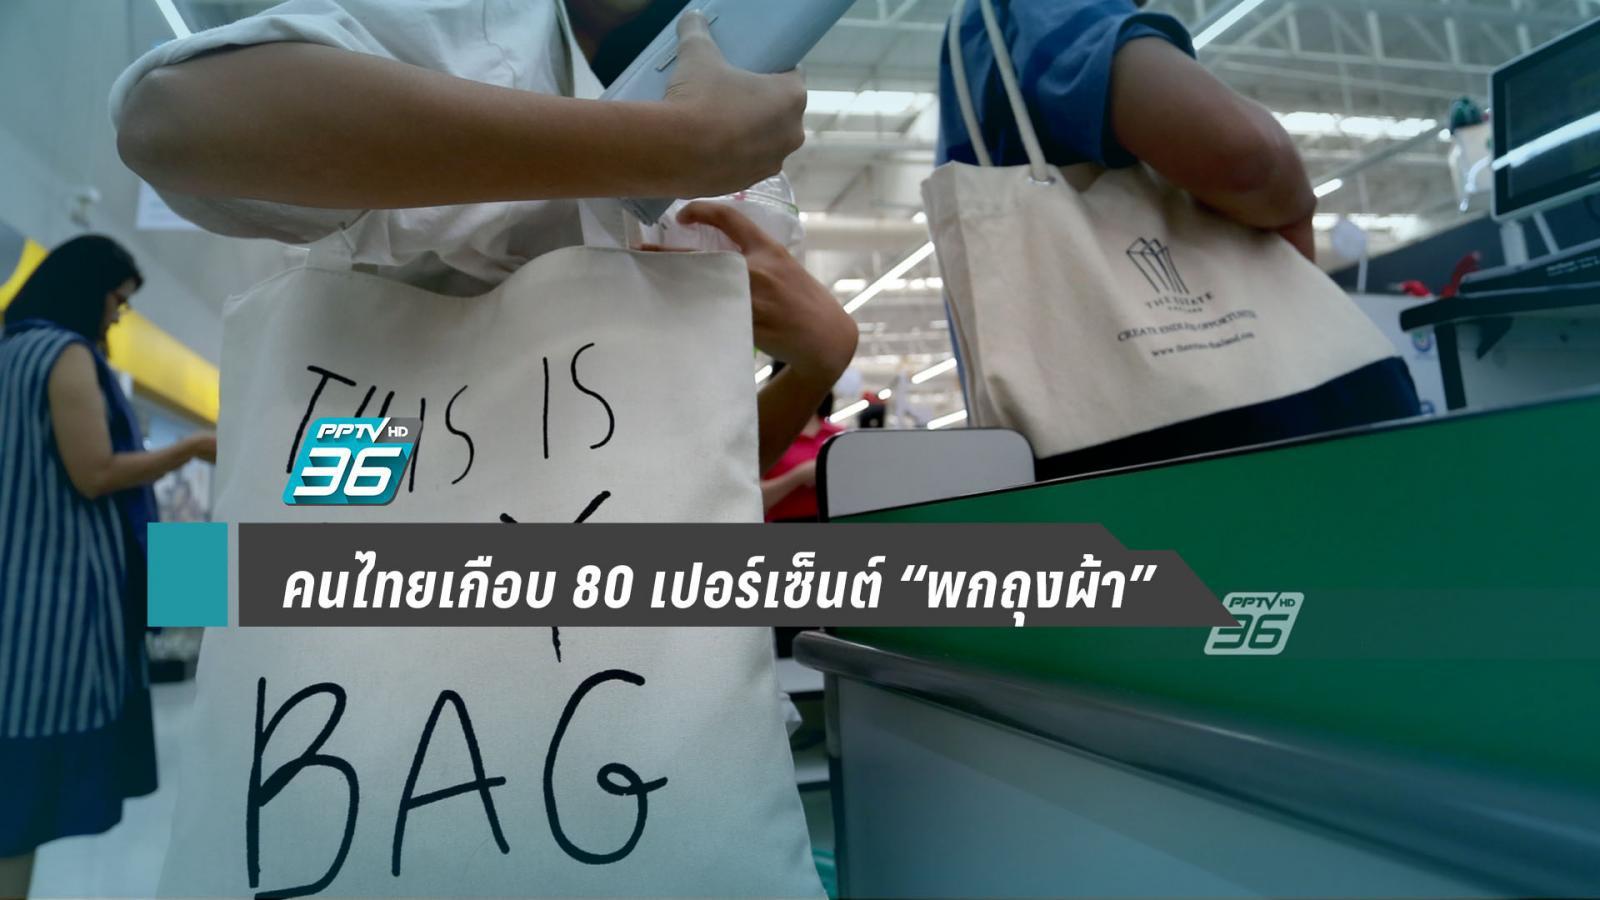 นิด้าโพลเผยผลสำรวจคนไทย เกือบ 80% พกถุงผ้า